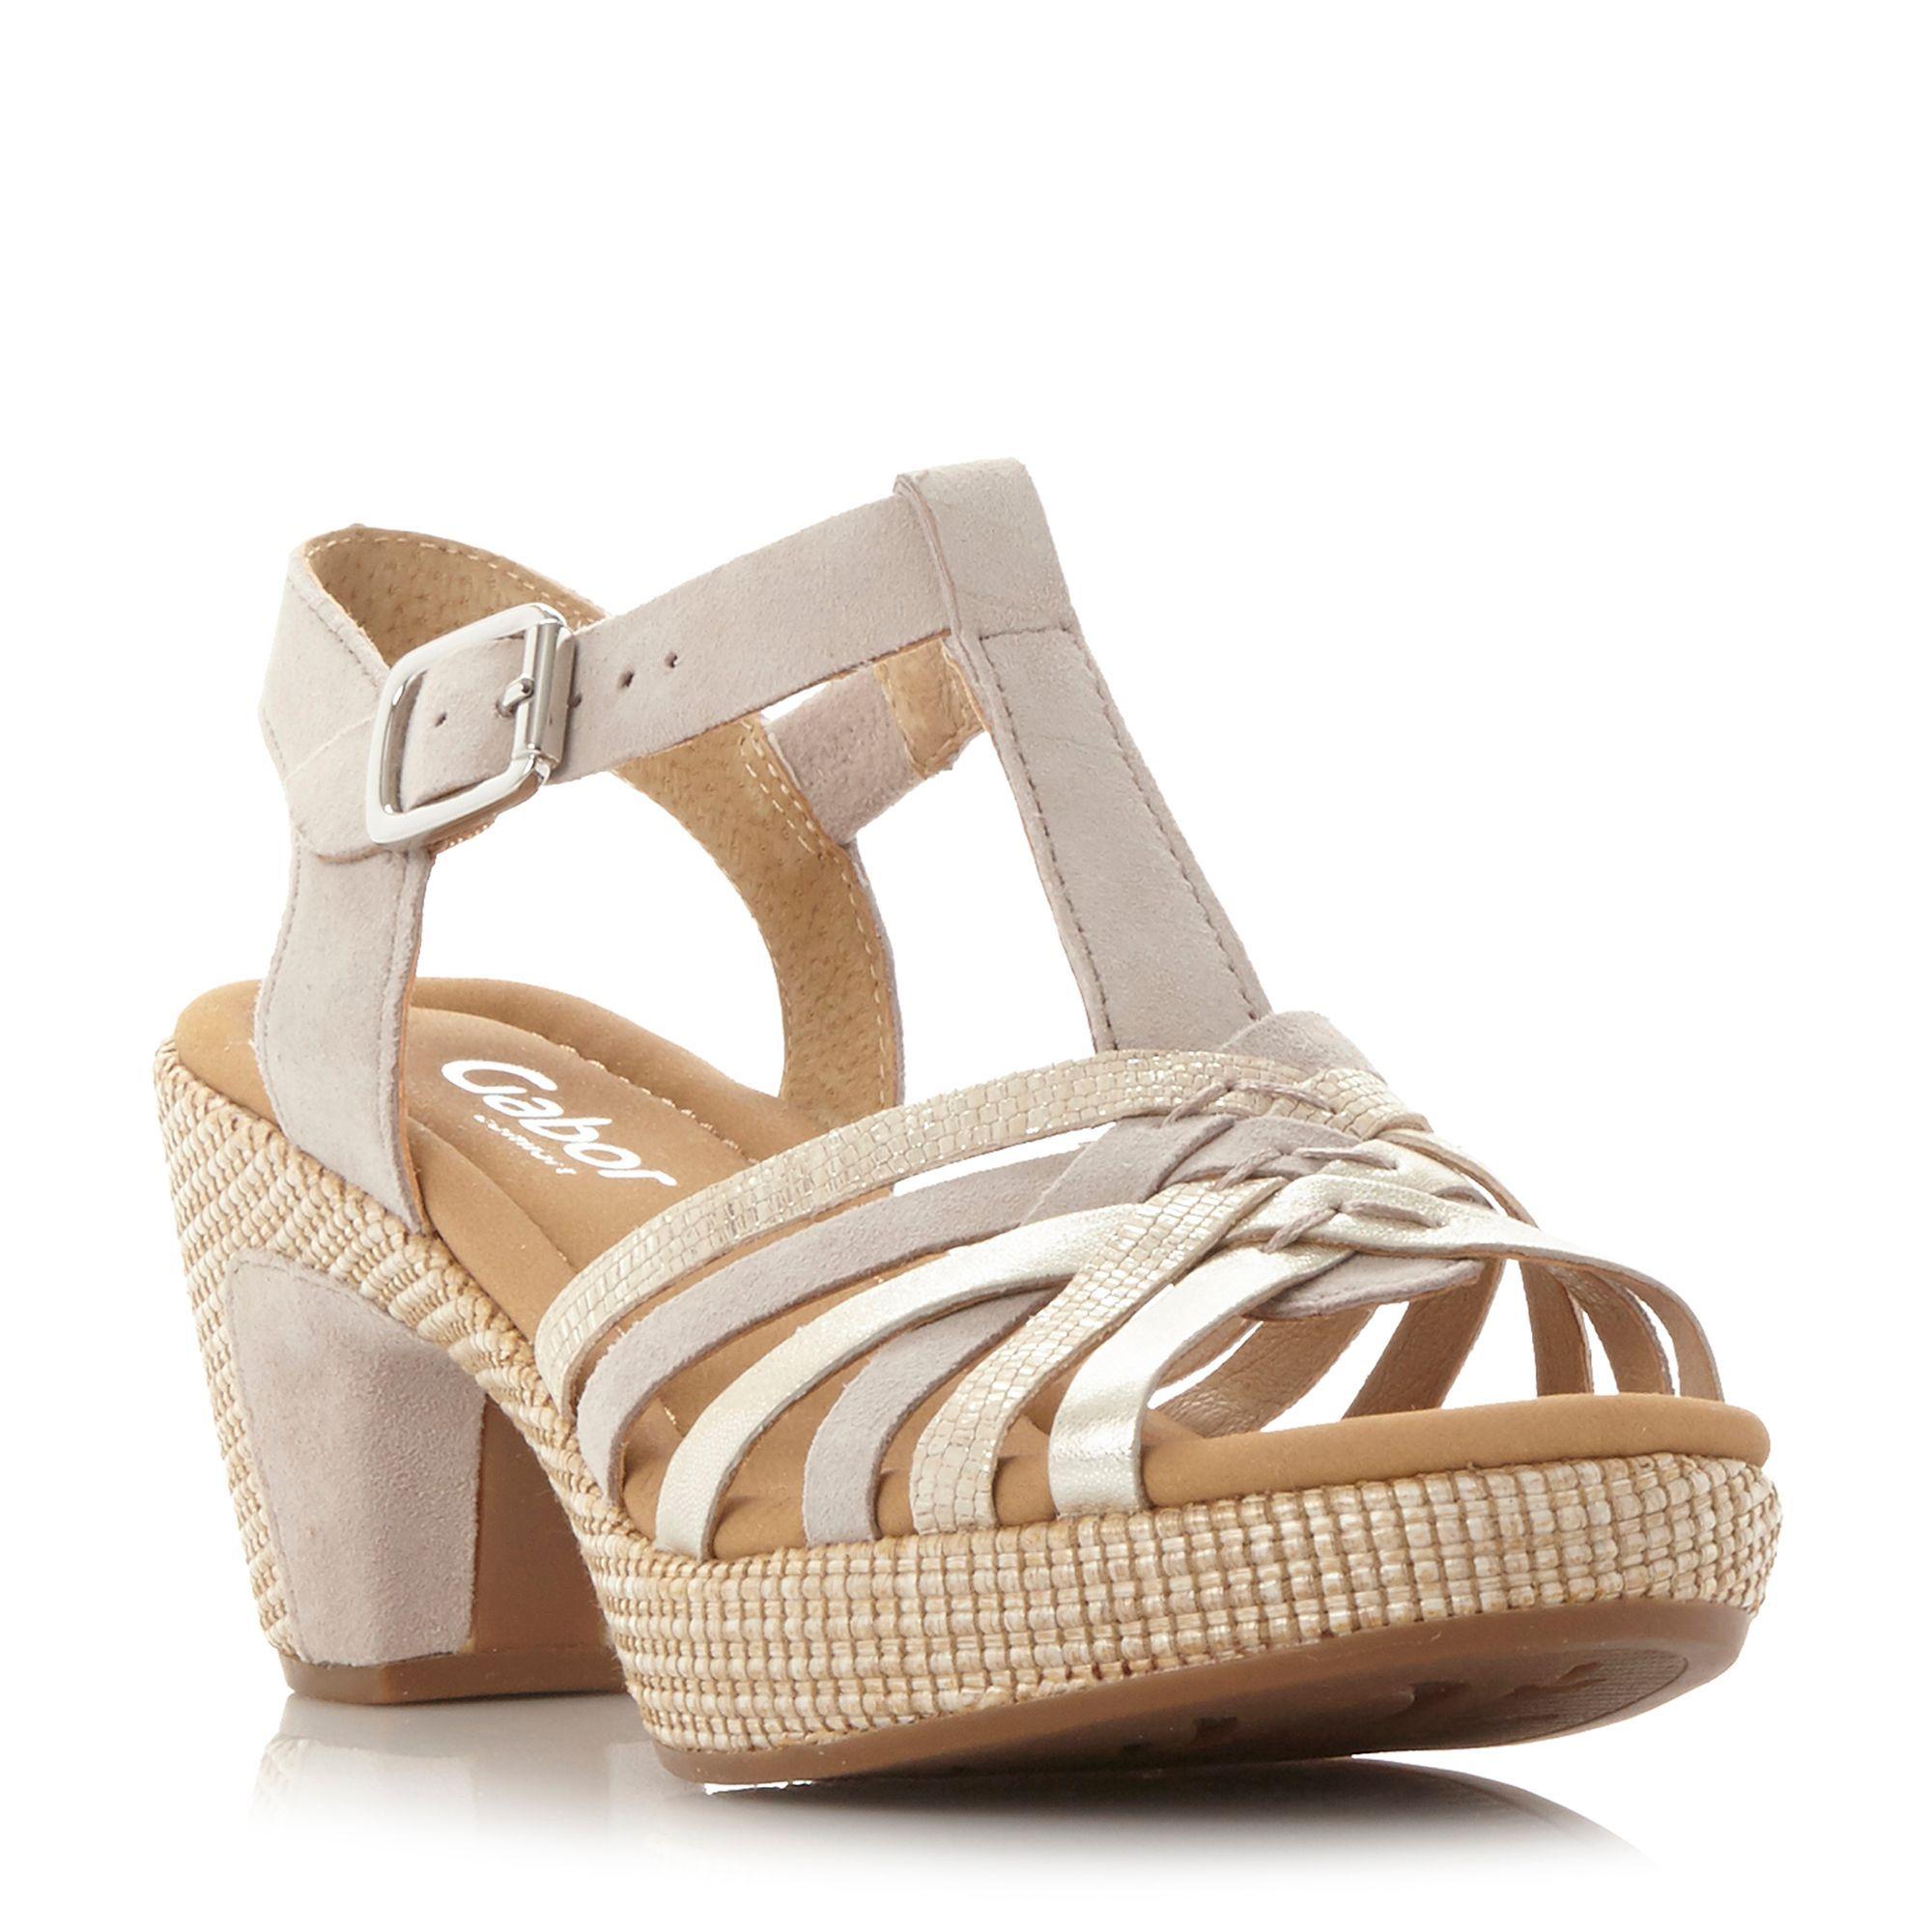 Gabor Cheri multi strap buckle sandals, Beige   Sandals